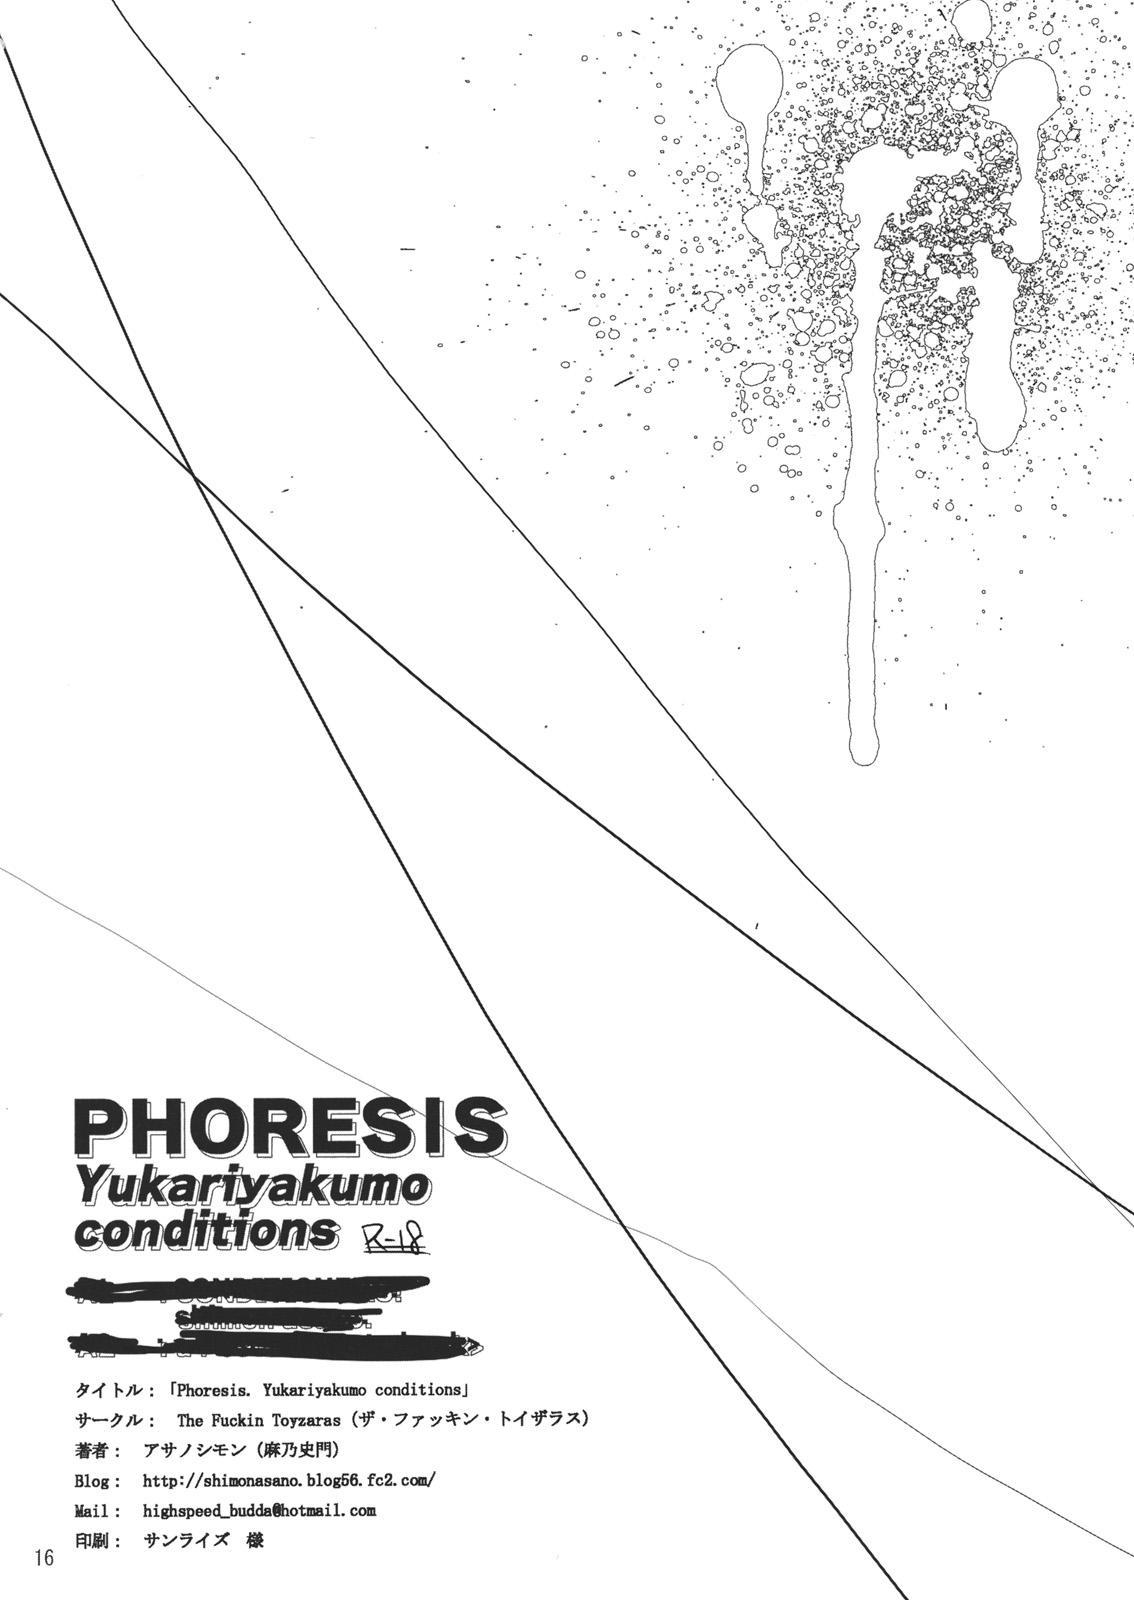 PHORESIS Yukariyakumo conditions 17